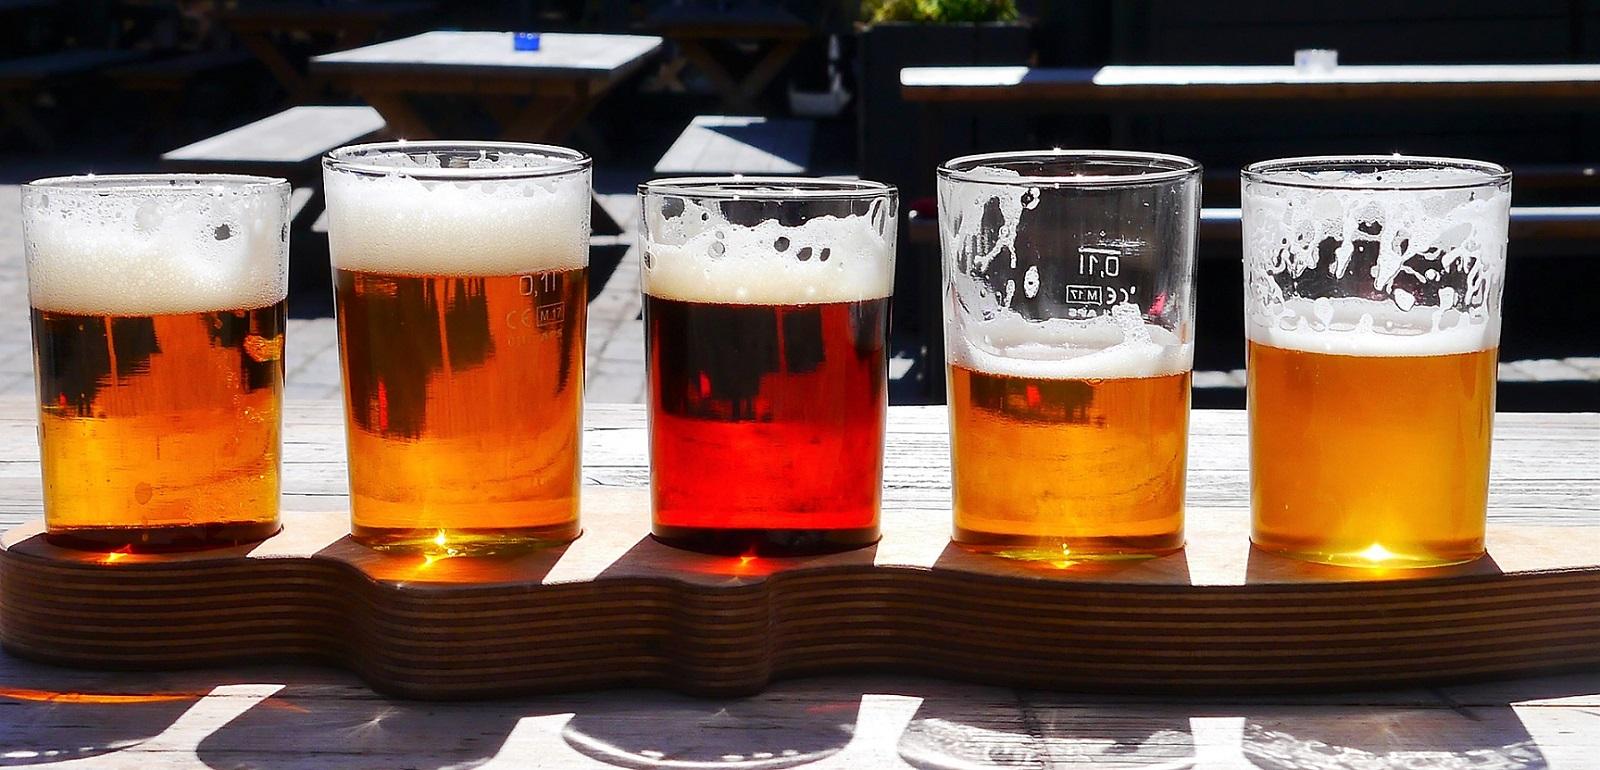 Assaggio di birre artigianali in occasione della Craft Beer Italy